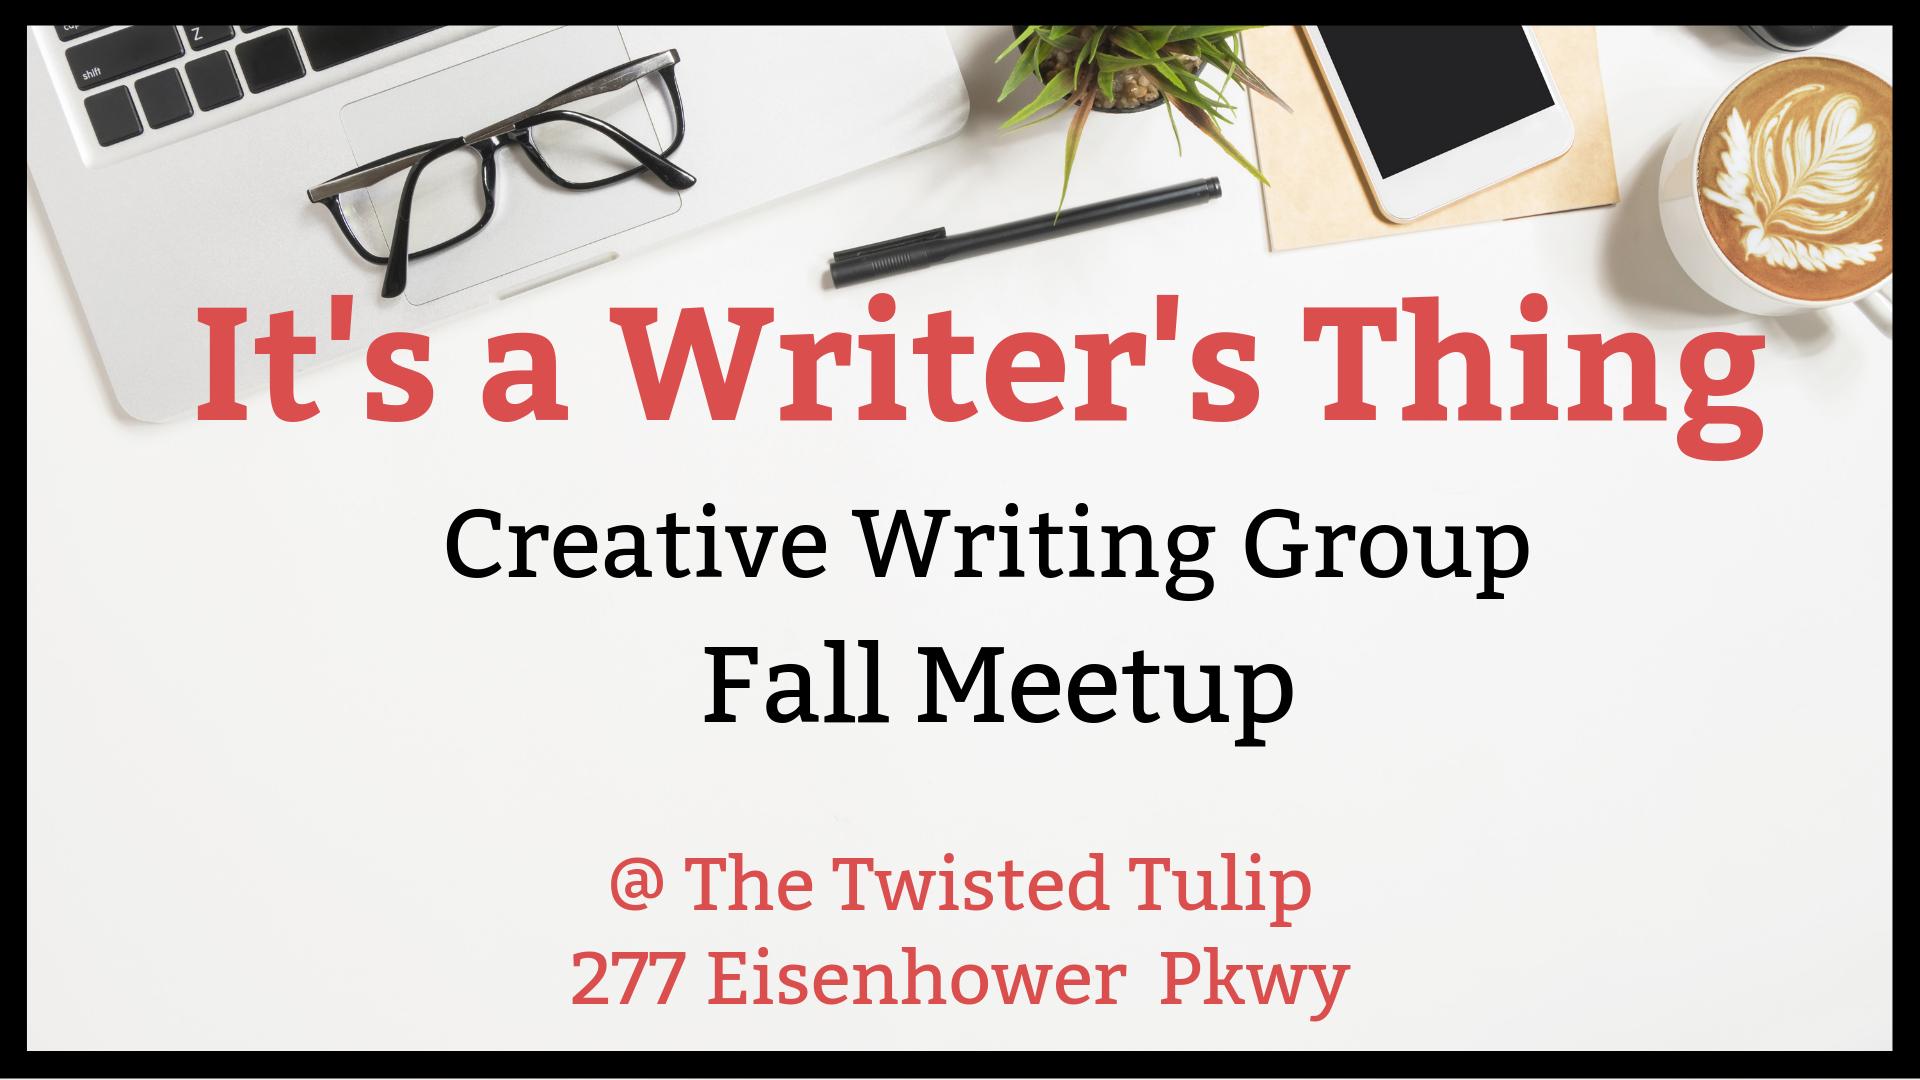 Creative Writing Fall Meetup